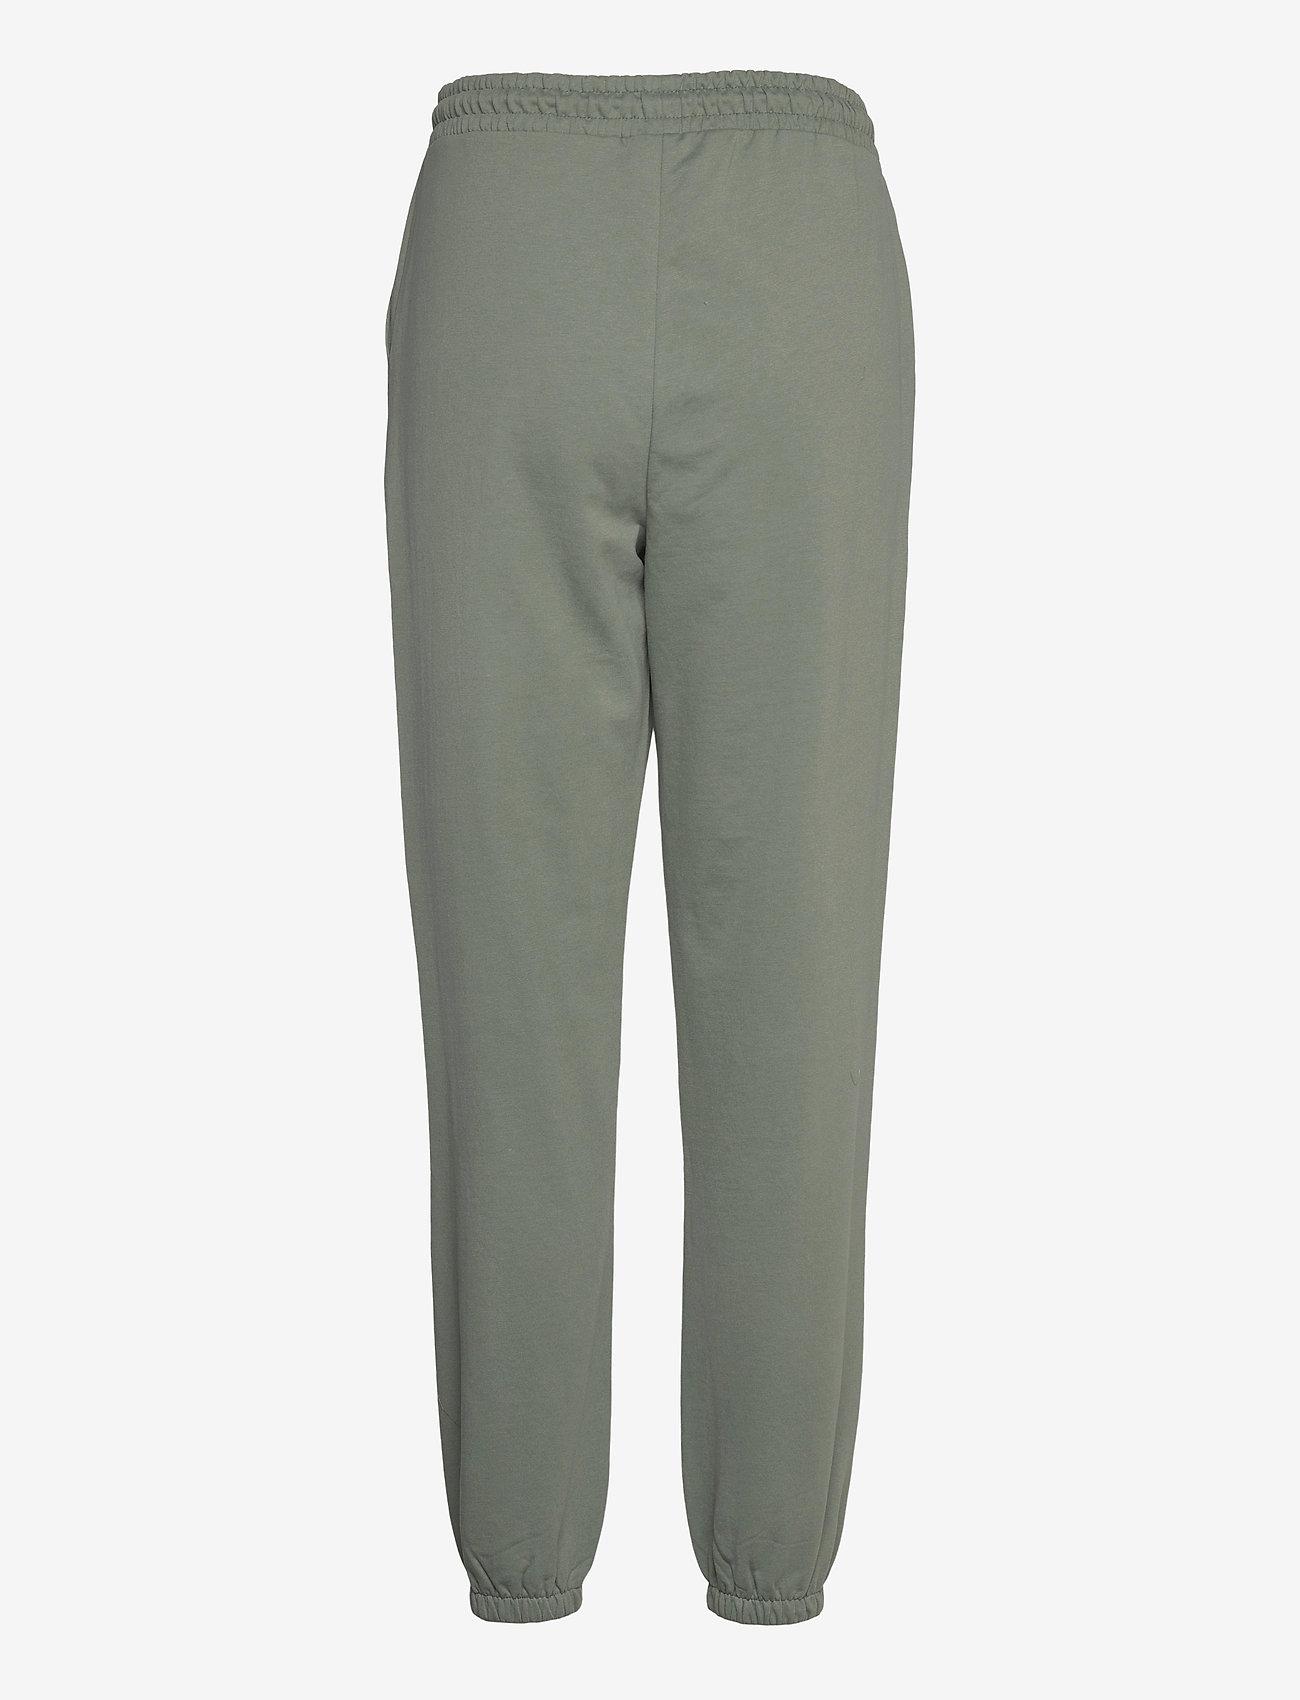 Vero Moda - VMOCTAVIA HW SWEAT PANT GA - kläder - laurel wreath - 1